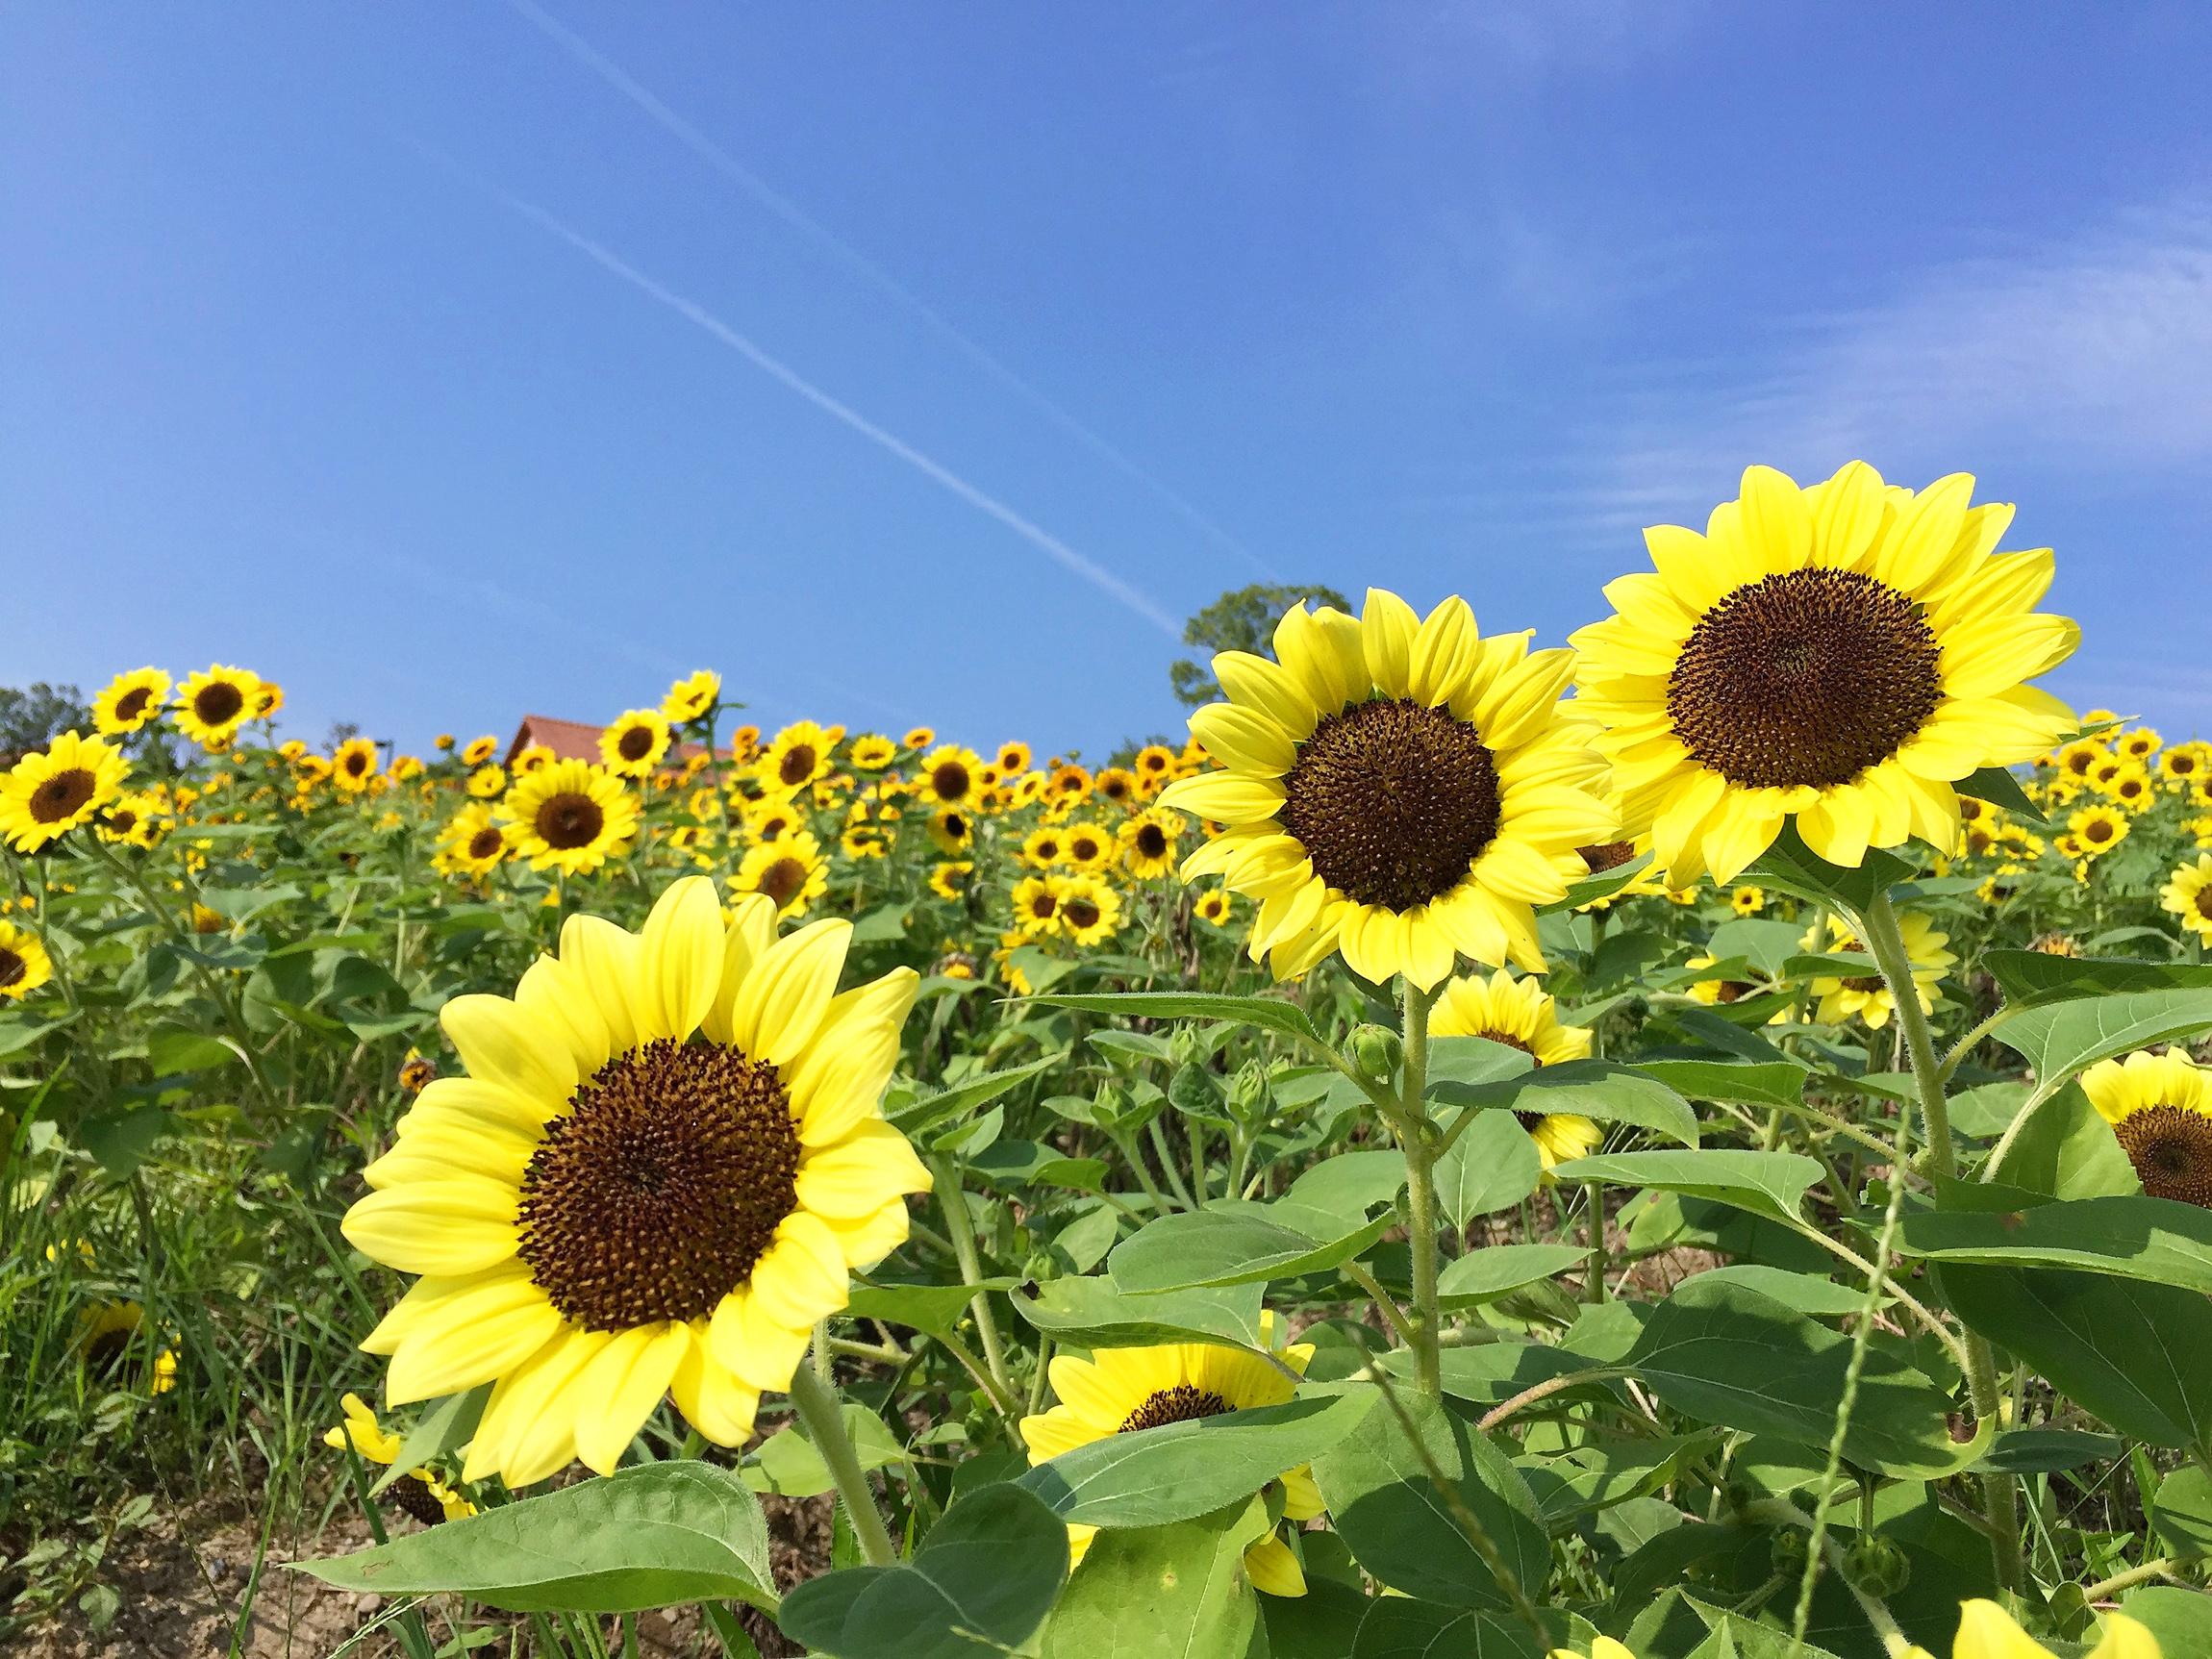 圧巻の景色!6万本のひまわりフェスタ(大阪ハーベストの丘)